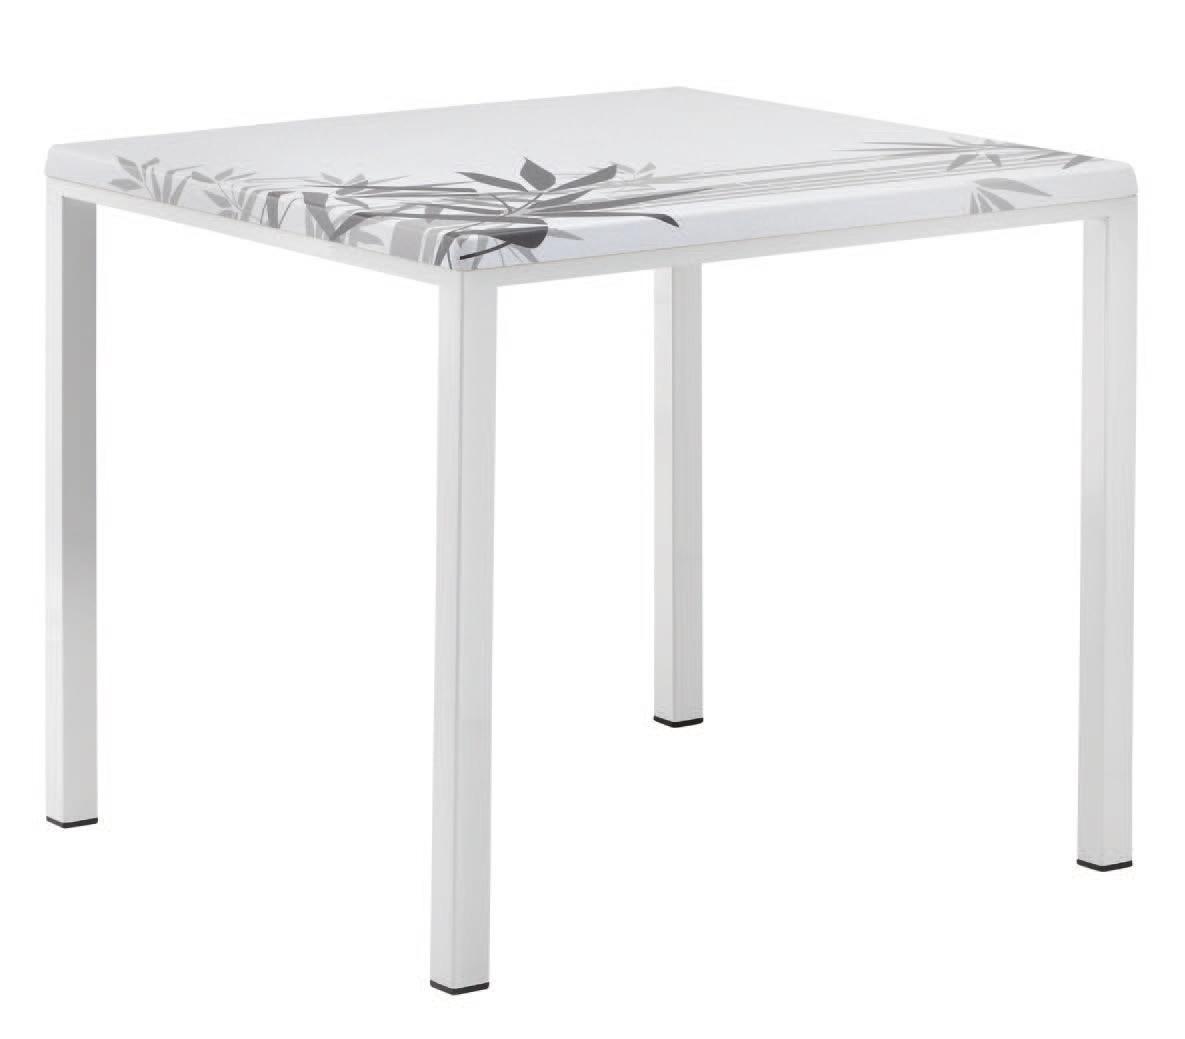 FT 044 carré, Table avec peint idéal de base en métal pour bar